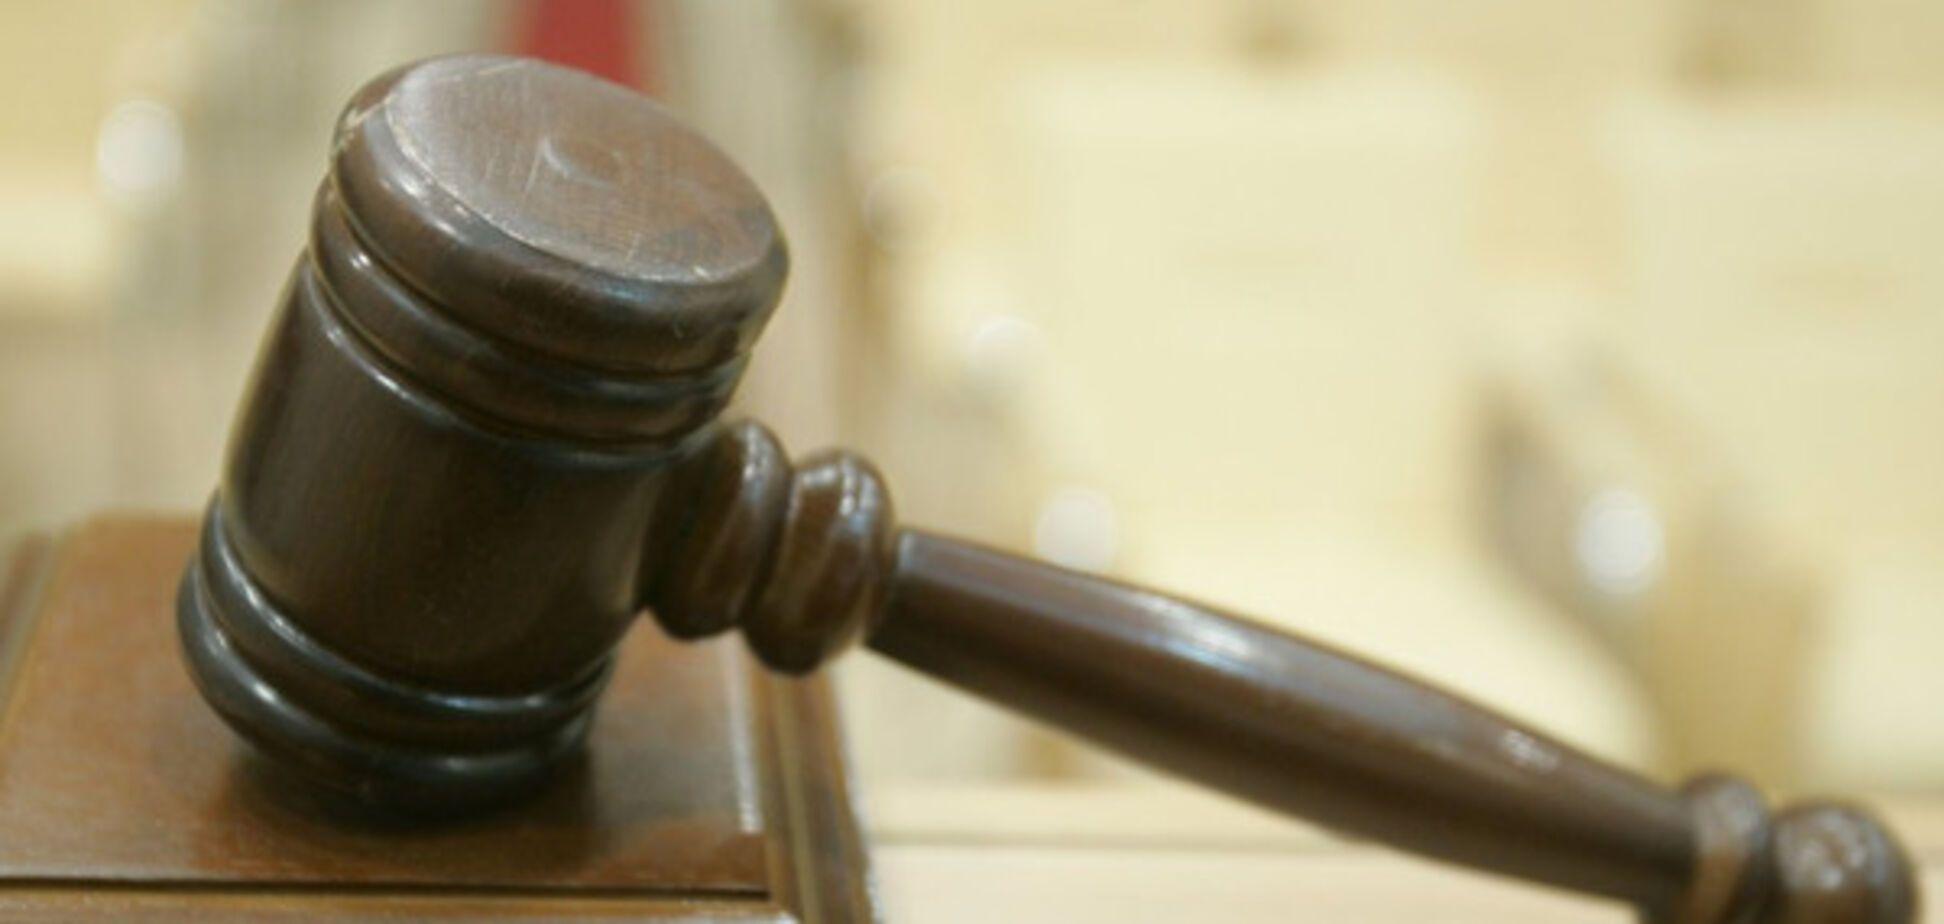 Гаагский арбитраж вынес решение по спору между Украиной и Россией